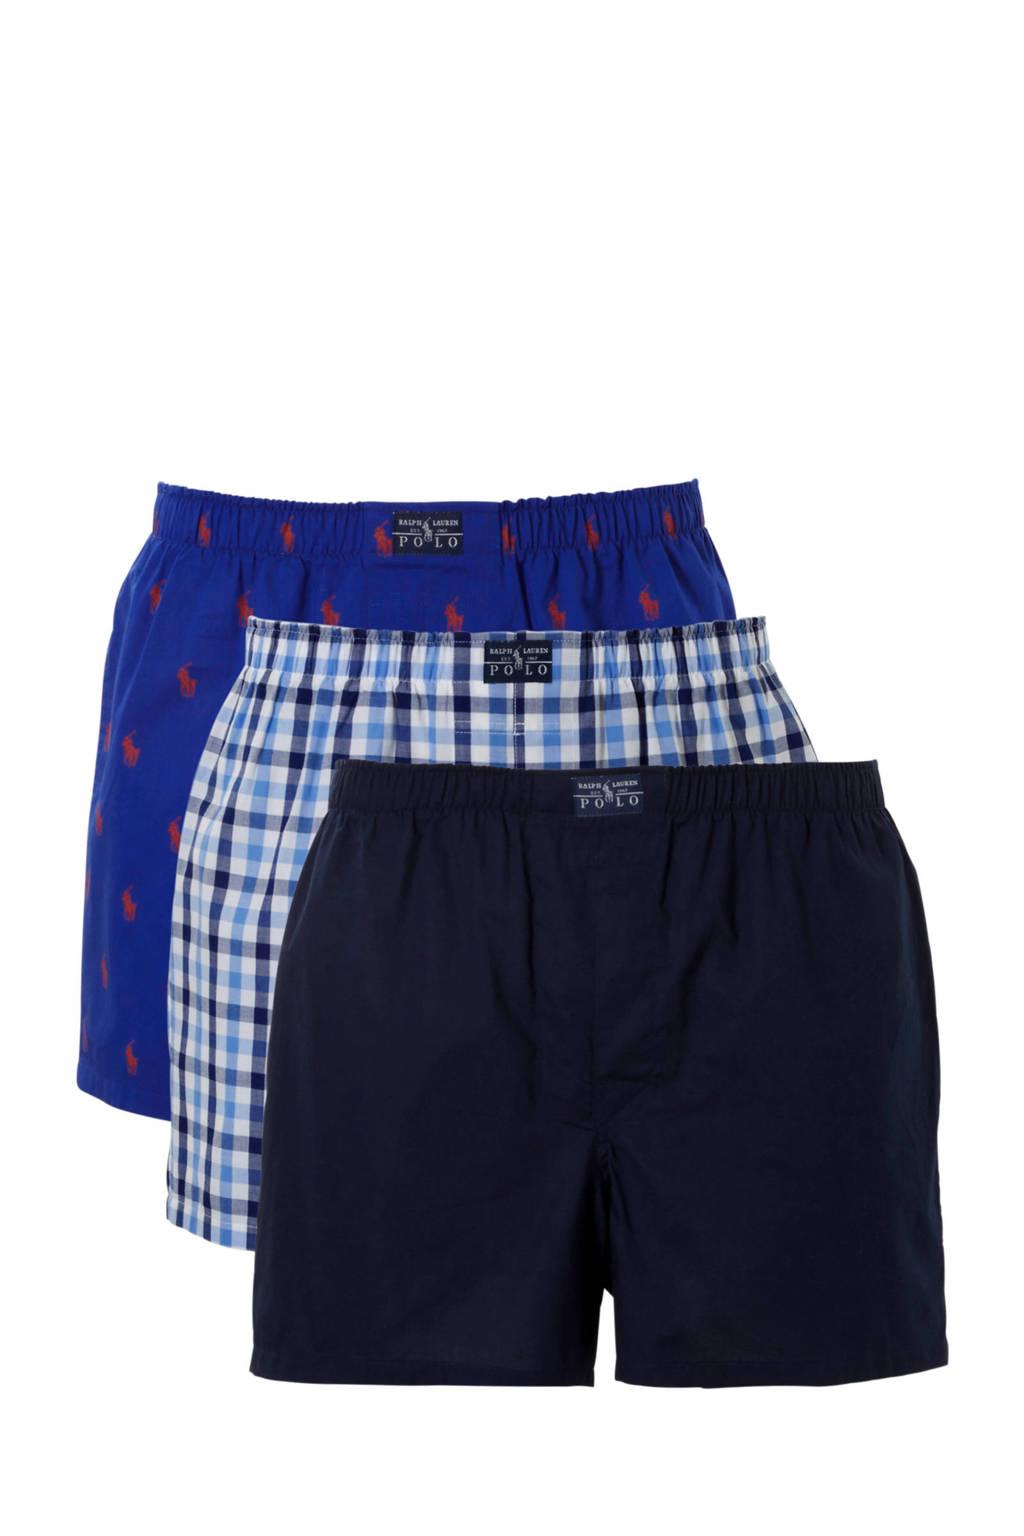 POLO Ralph Lauren boxershort (set van 3), Donkerblauw/blauw/wit